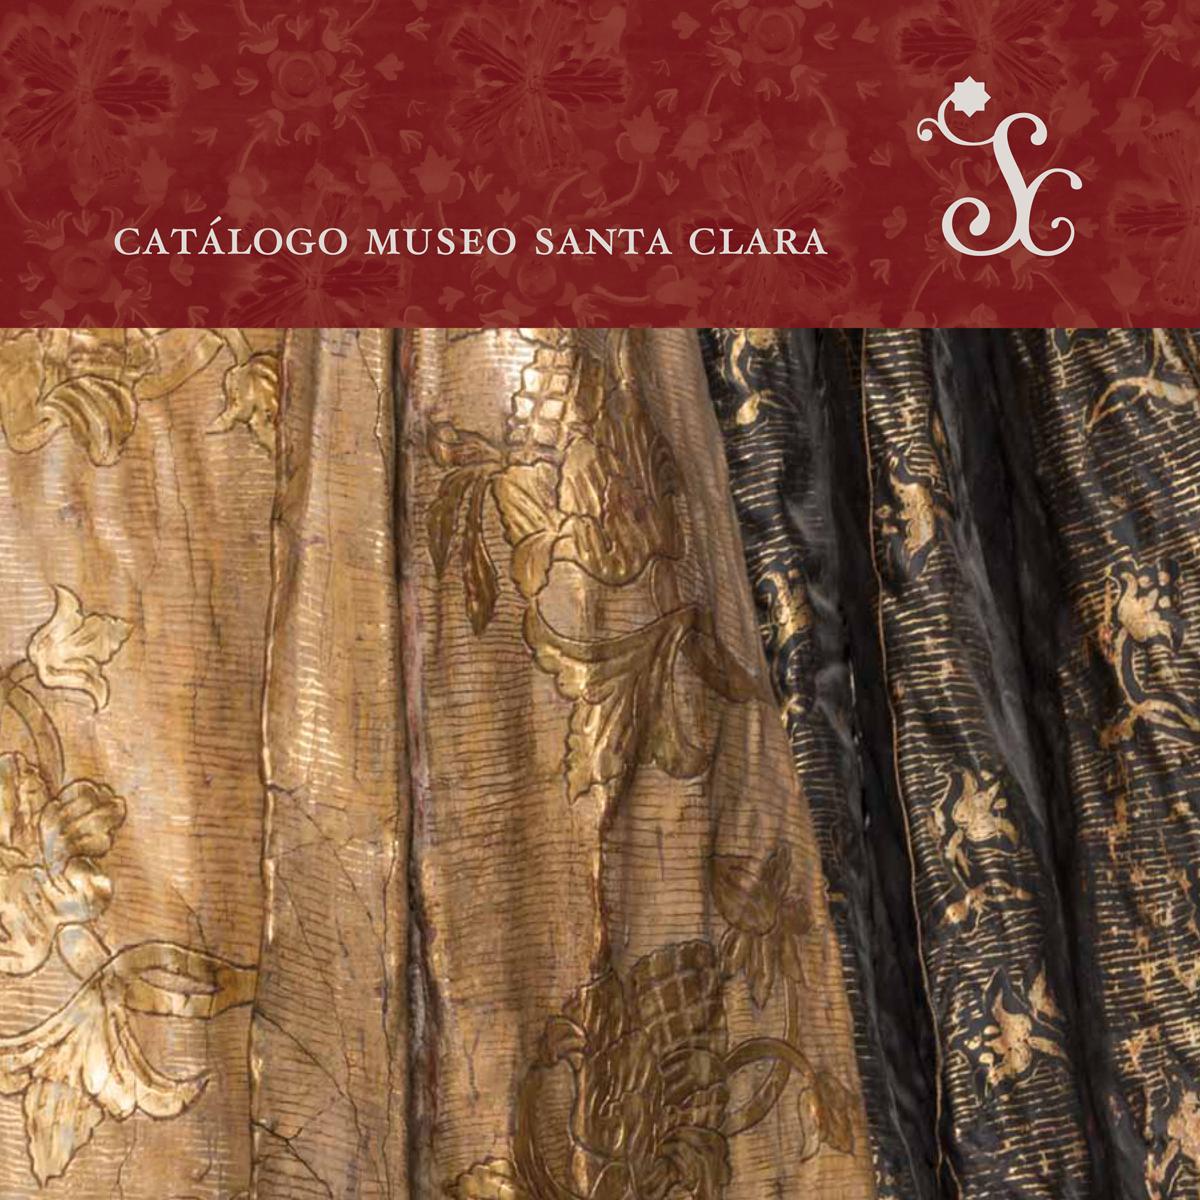 Catálogo de la colección del Museo Santa Clara